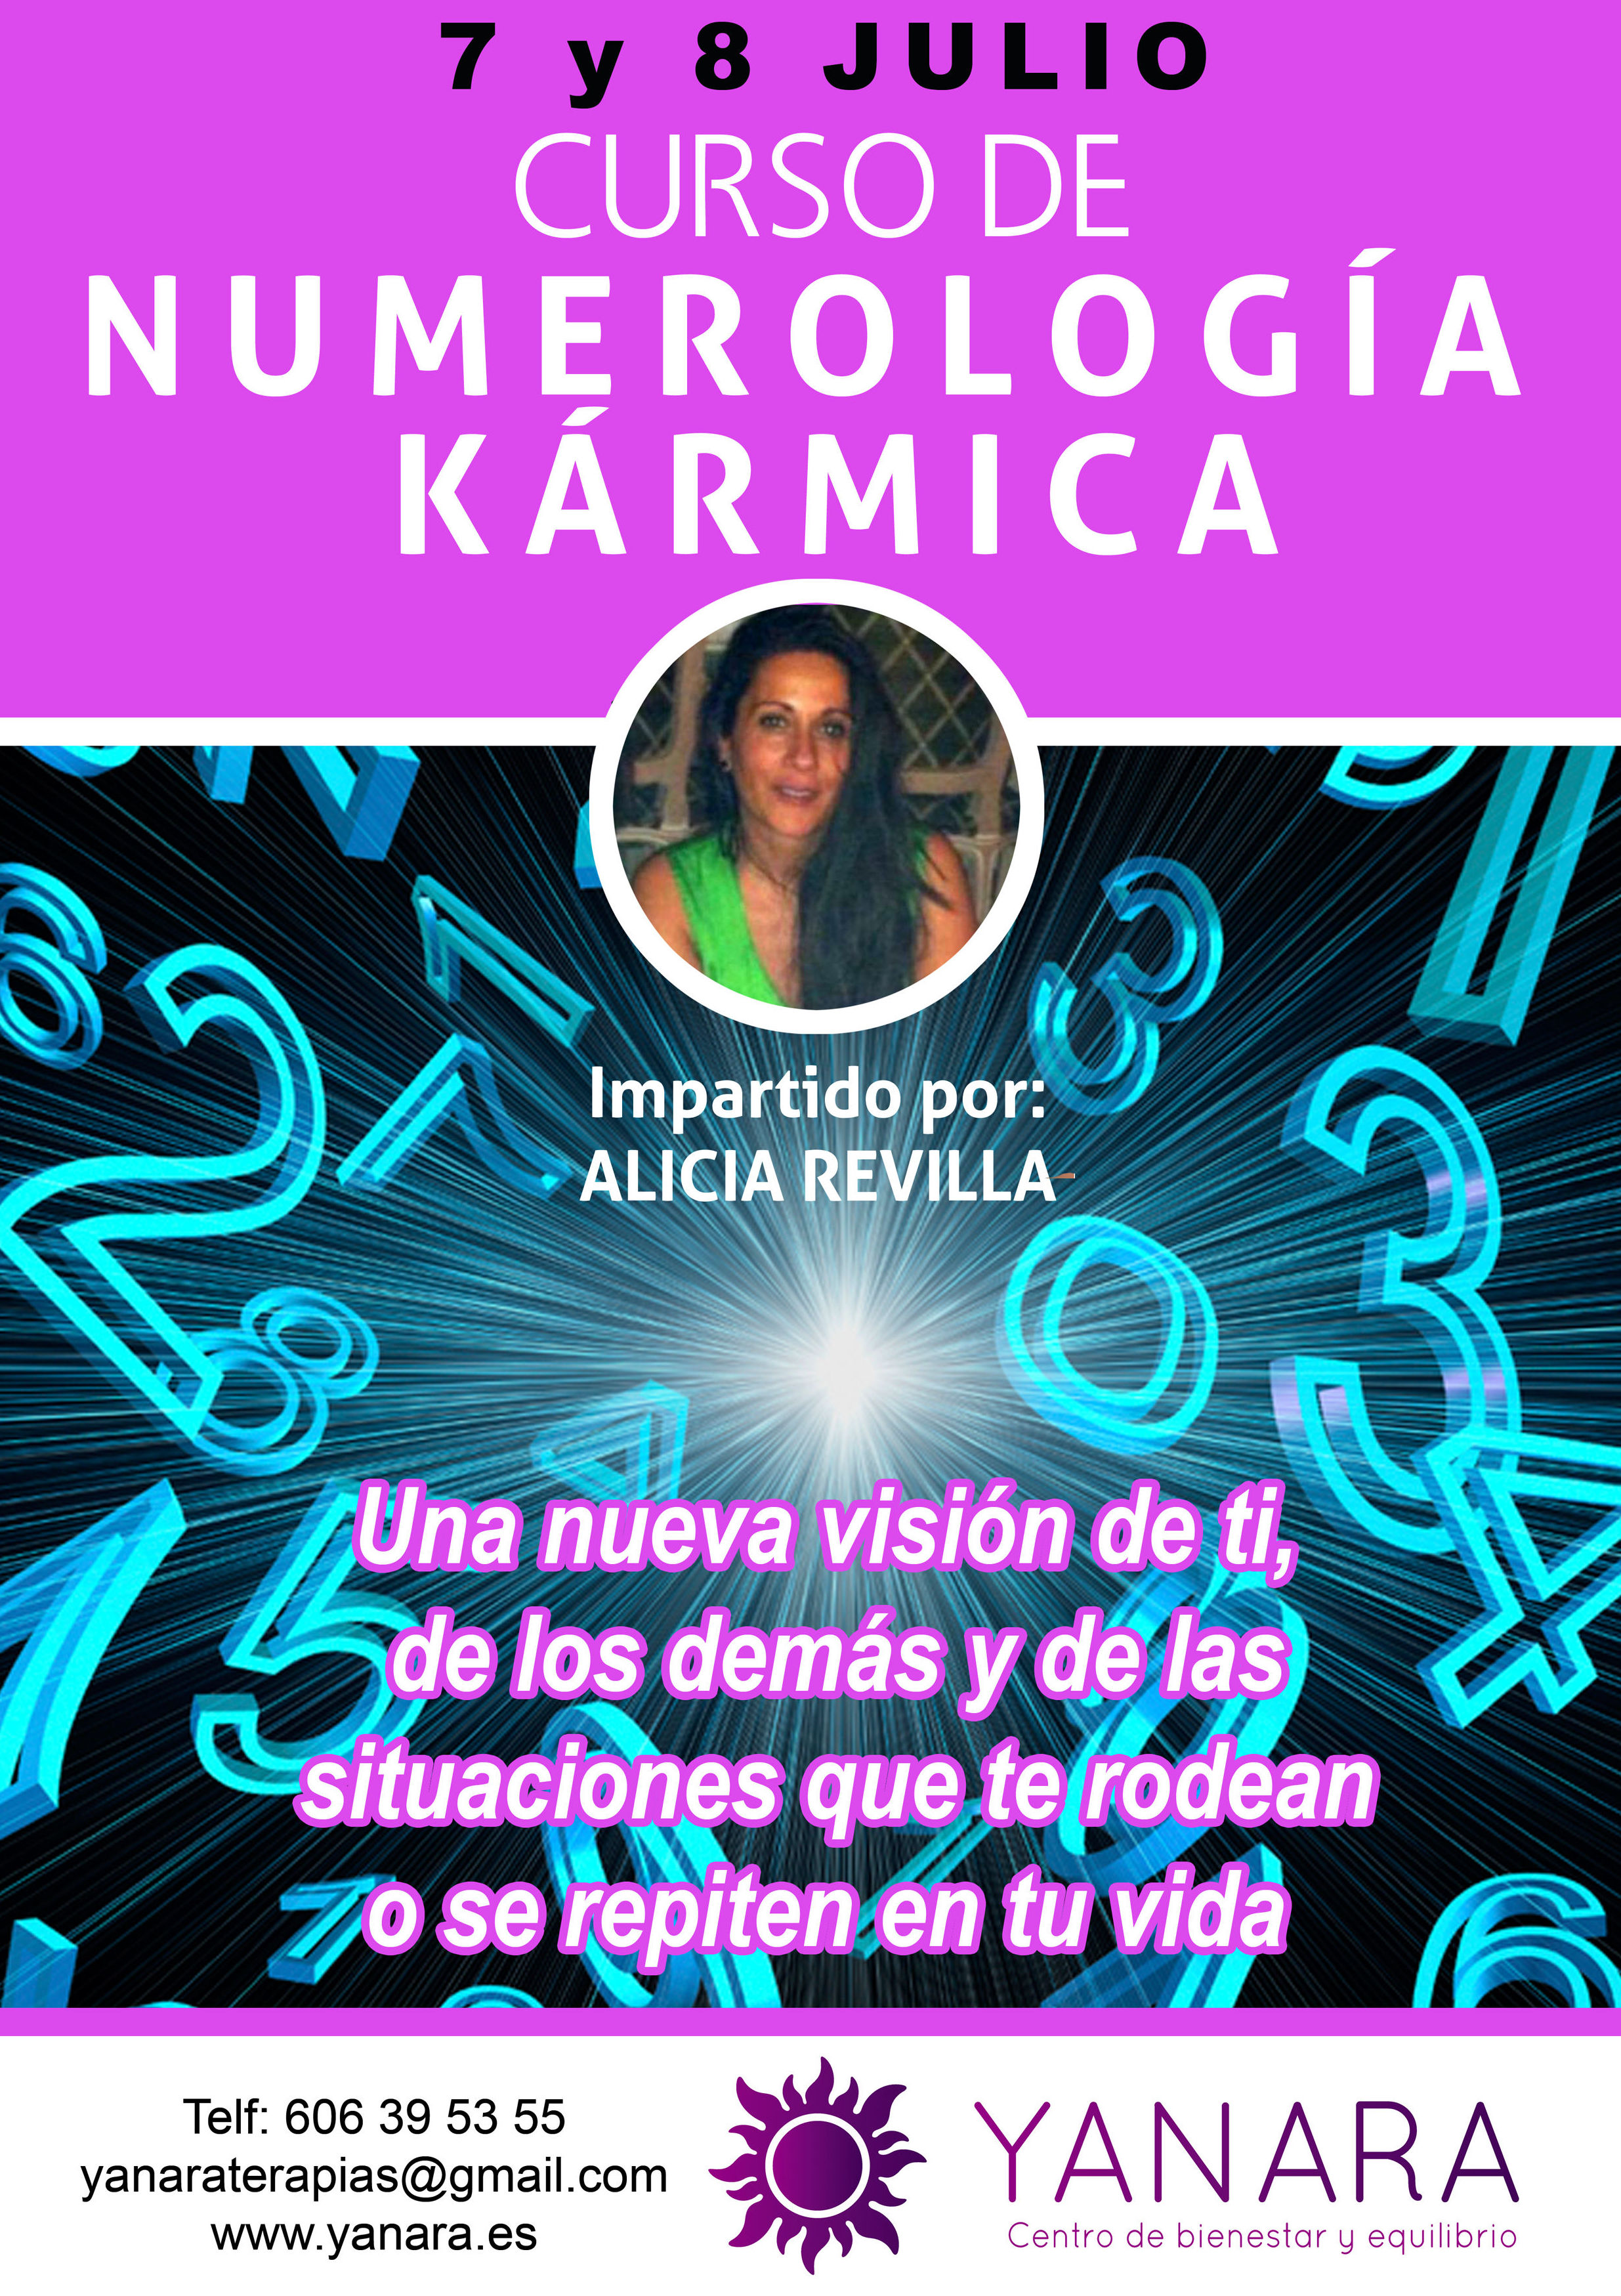 CURSO DE NUMEROLOGIA KARMICA